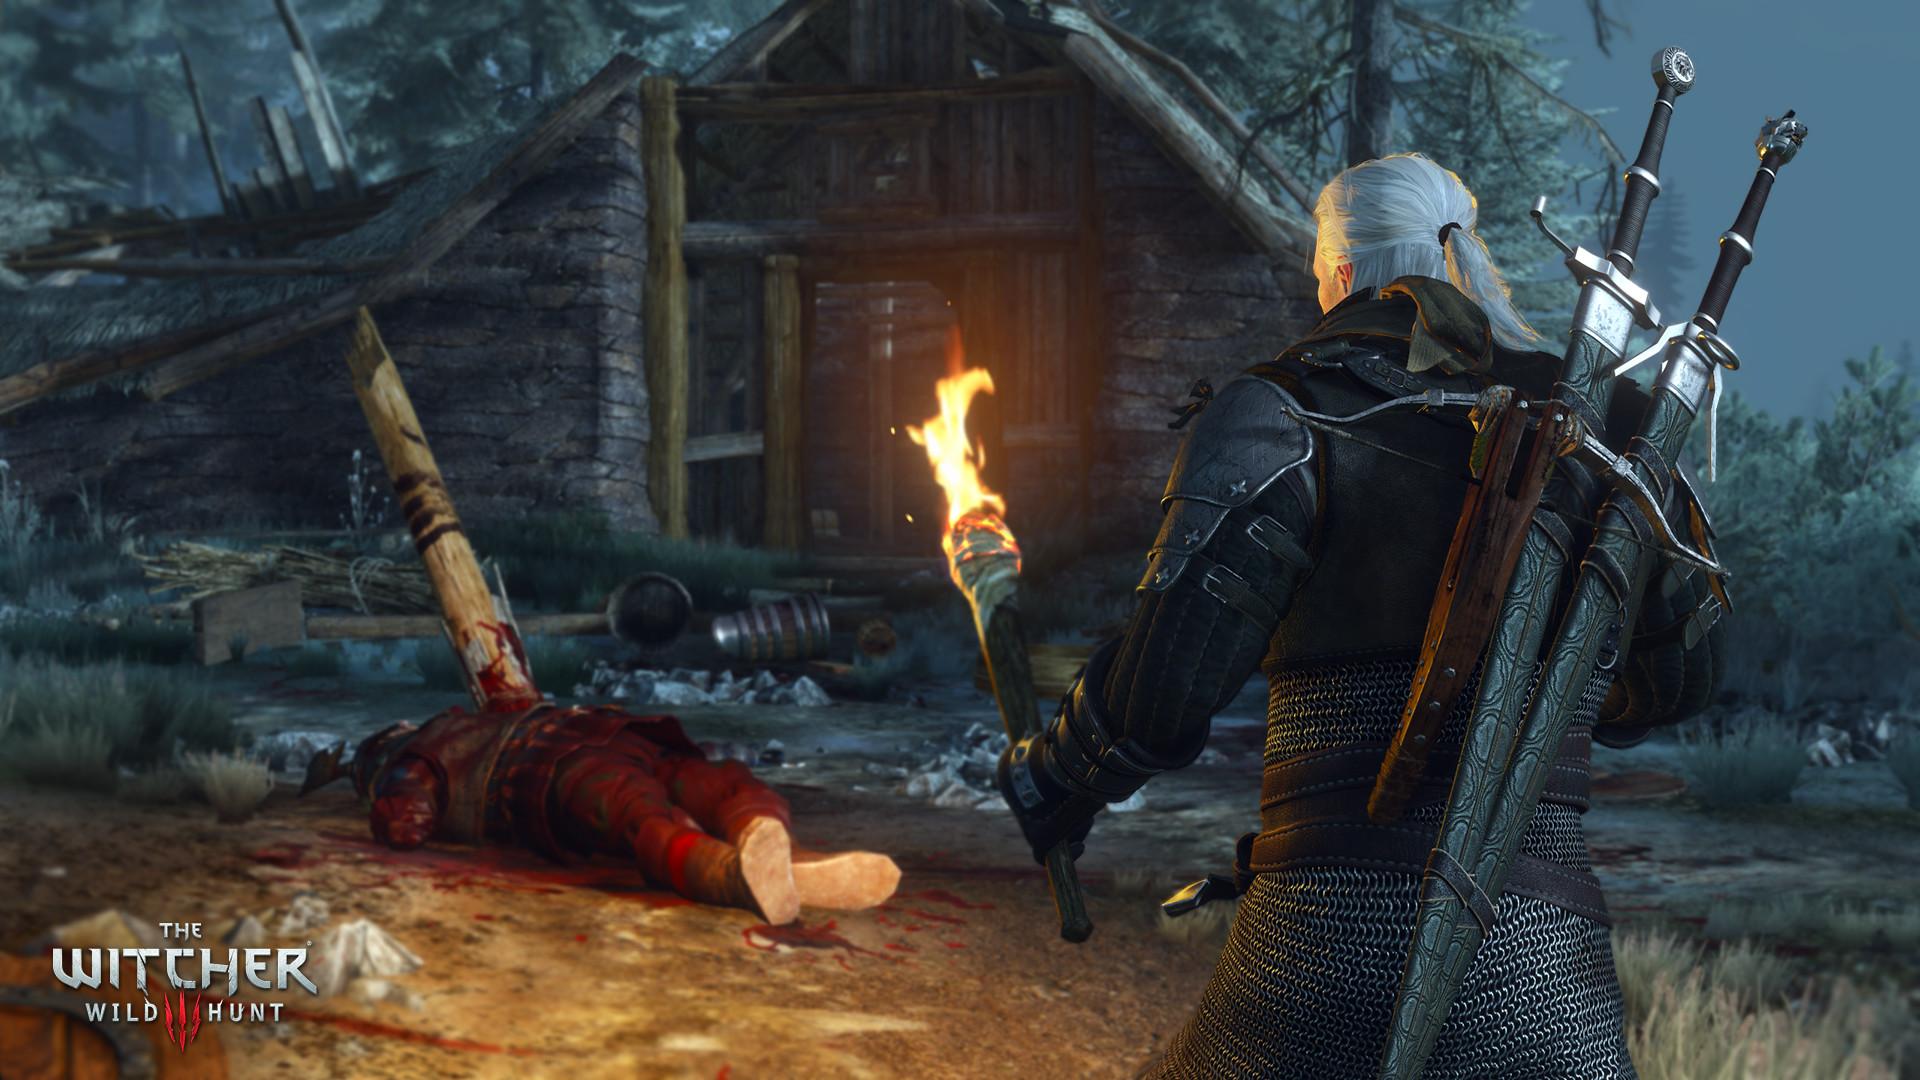 Hasil gambar untuk gambar game pc the withcer 3